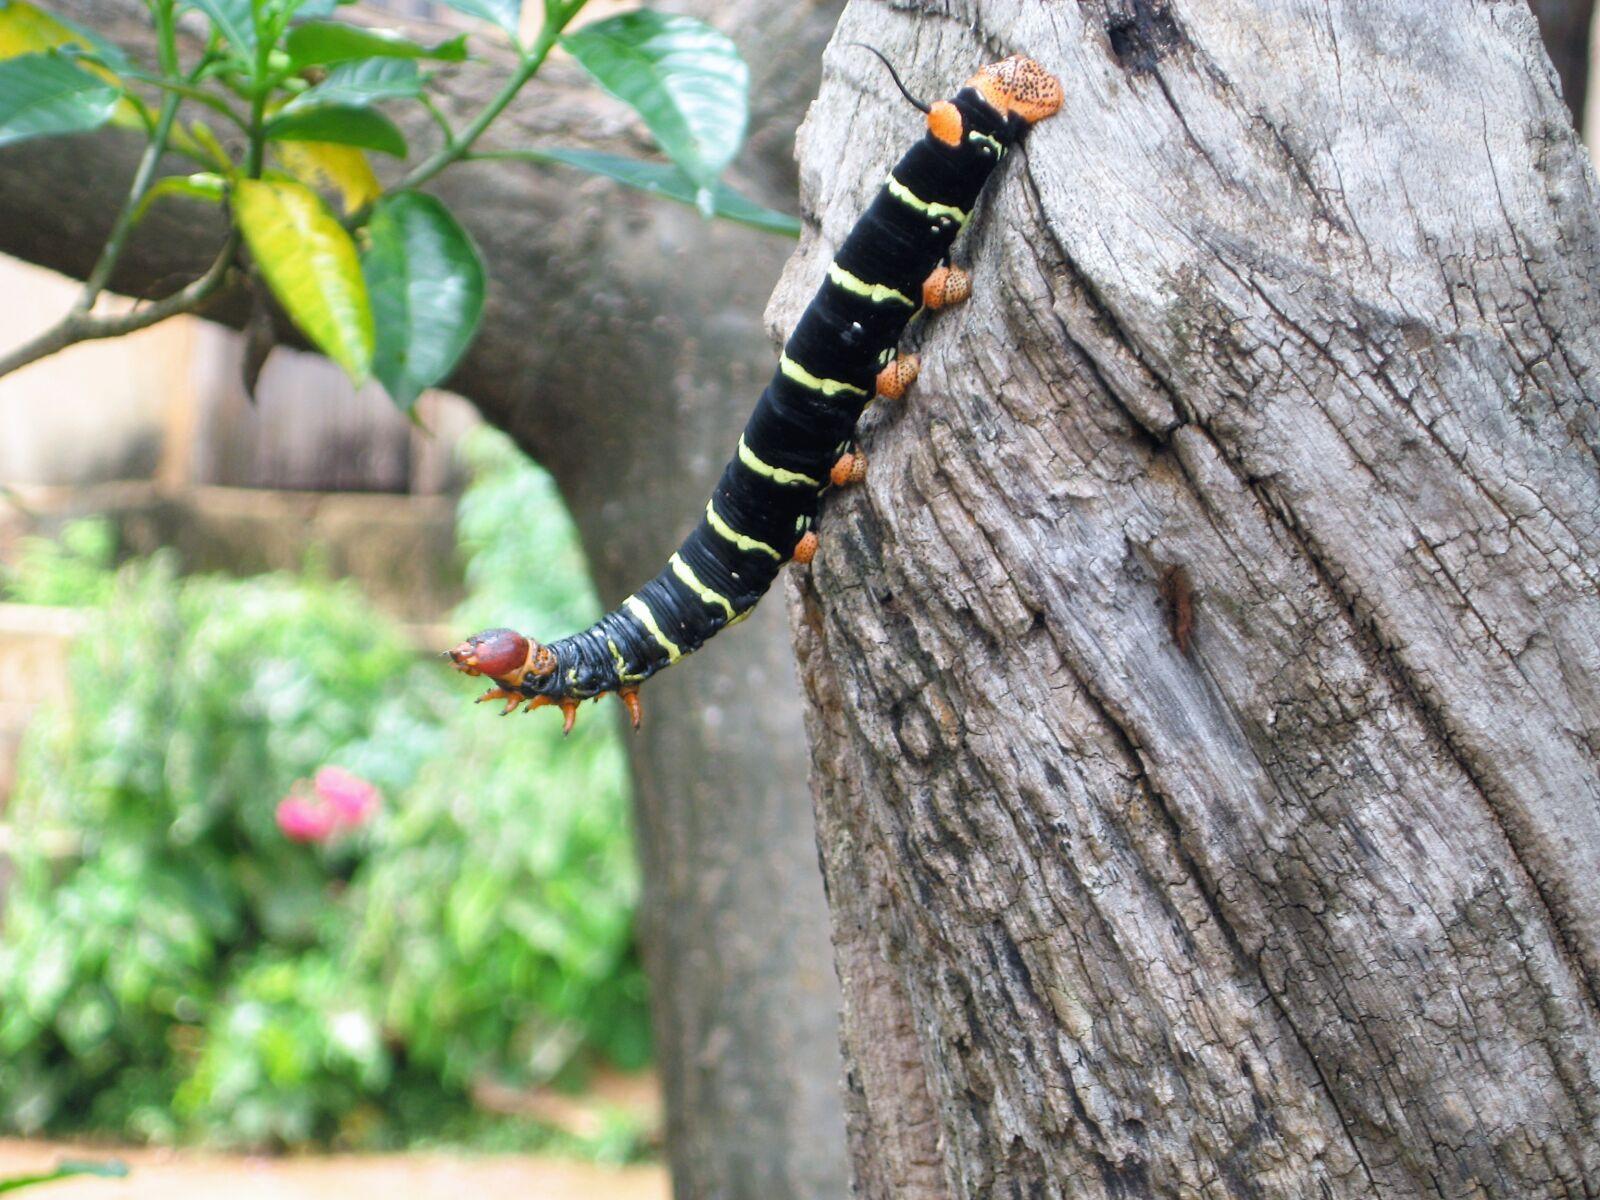 trunk, lizard, raise larvae